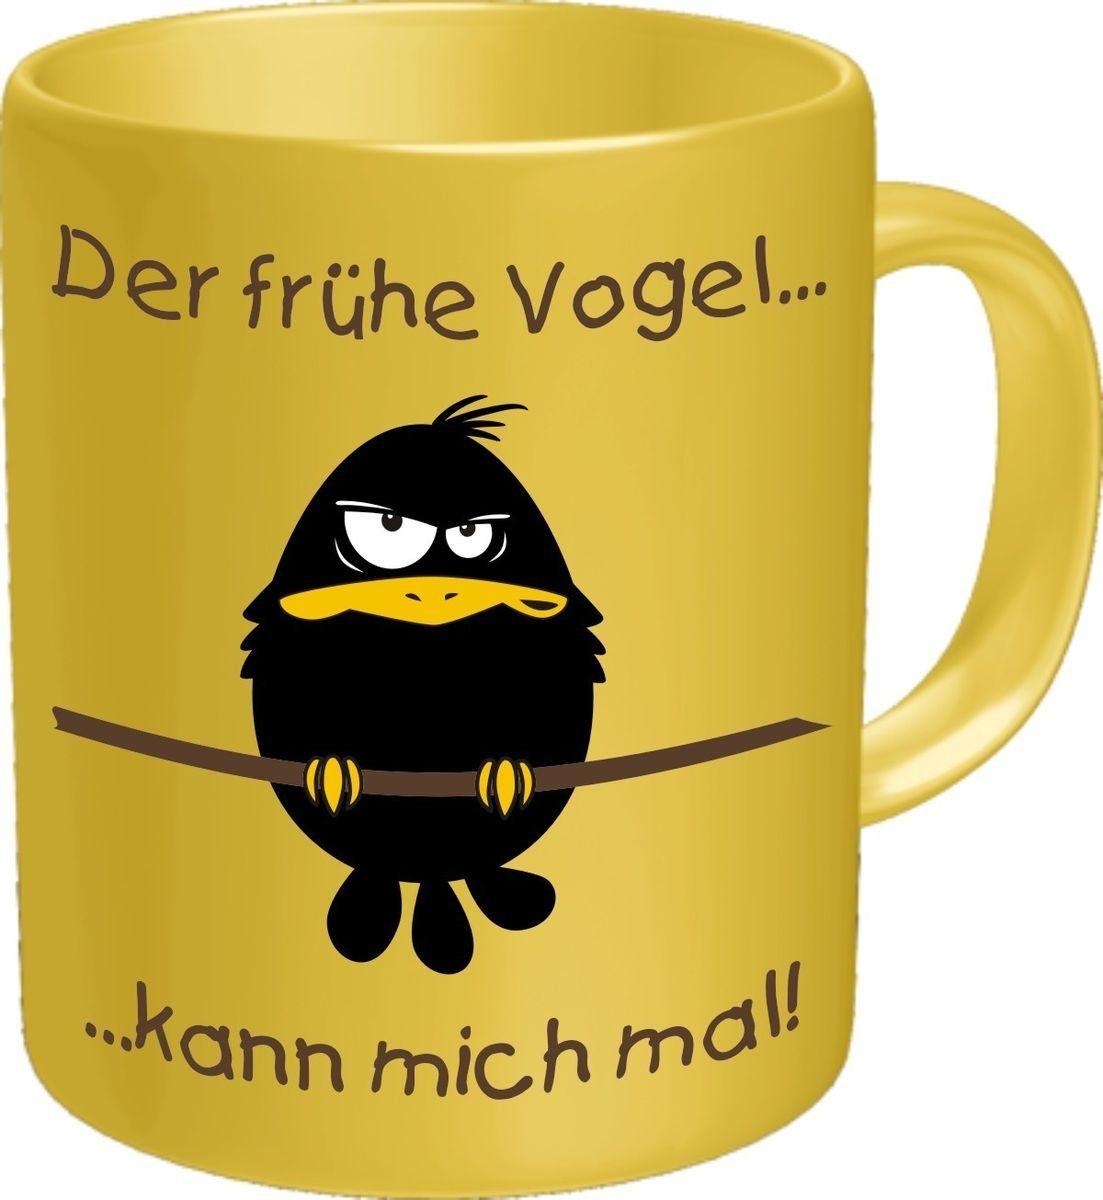 Rahmenlos Kaffeebecher mit lustigem Motiv im Geschenkkarton